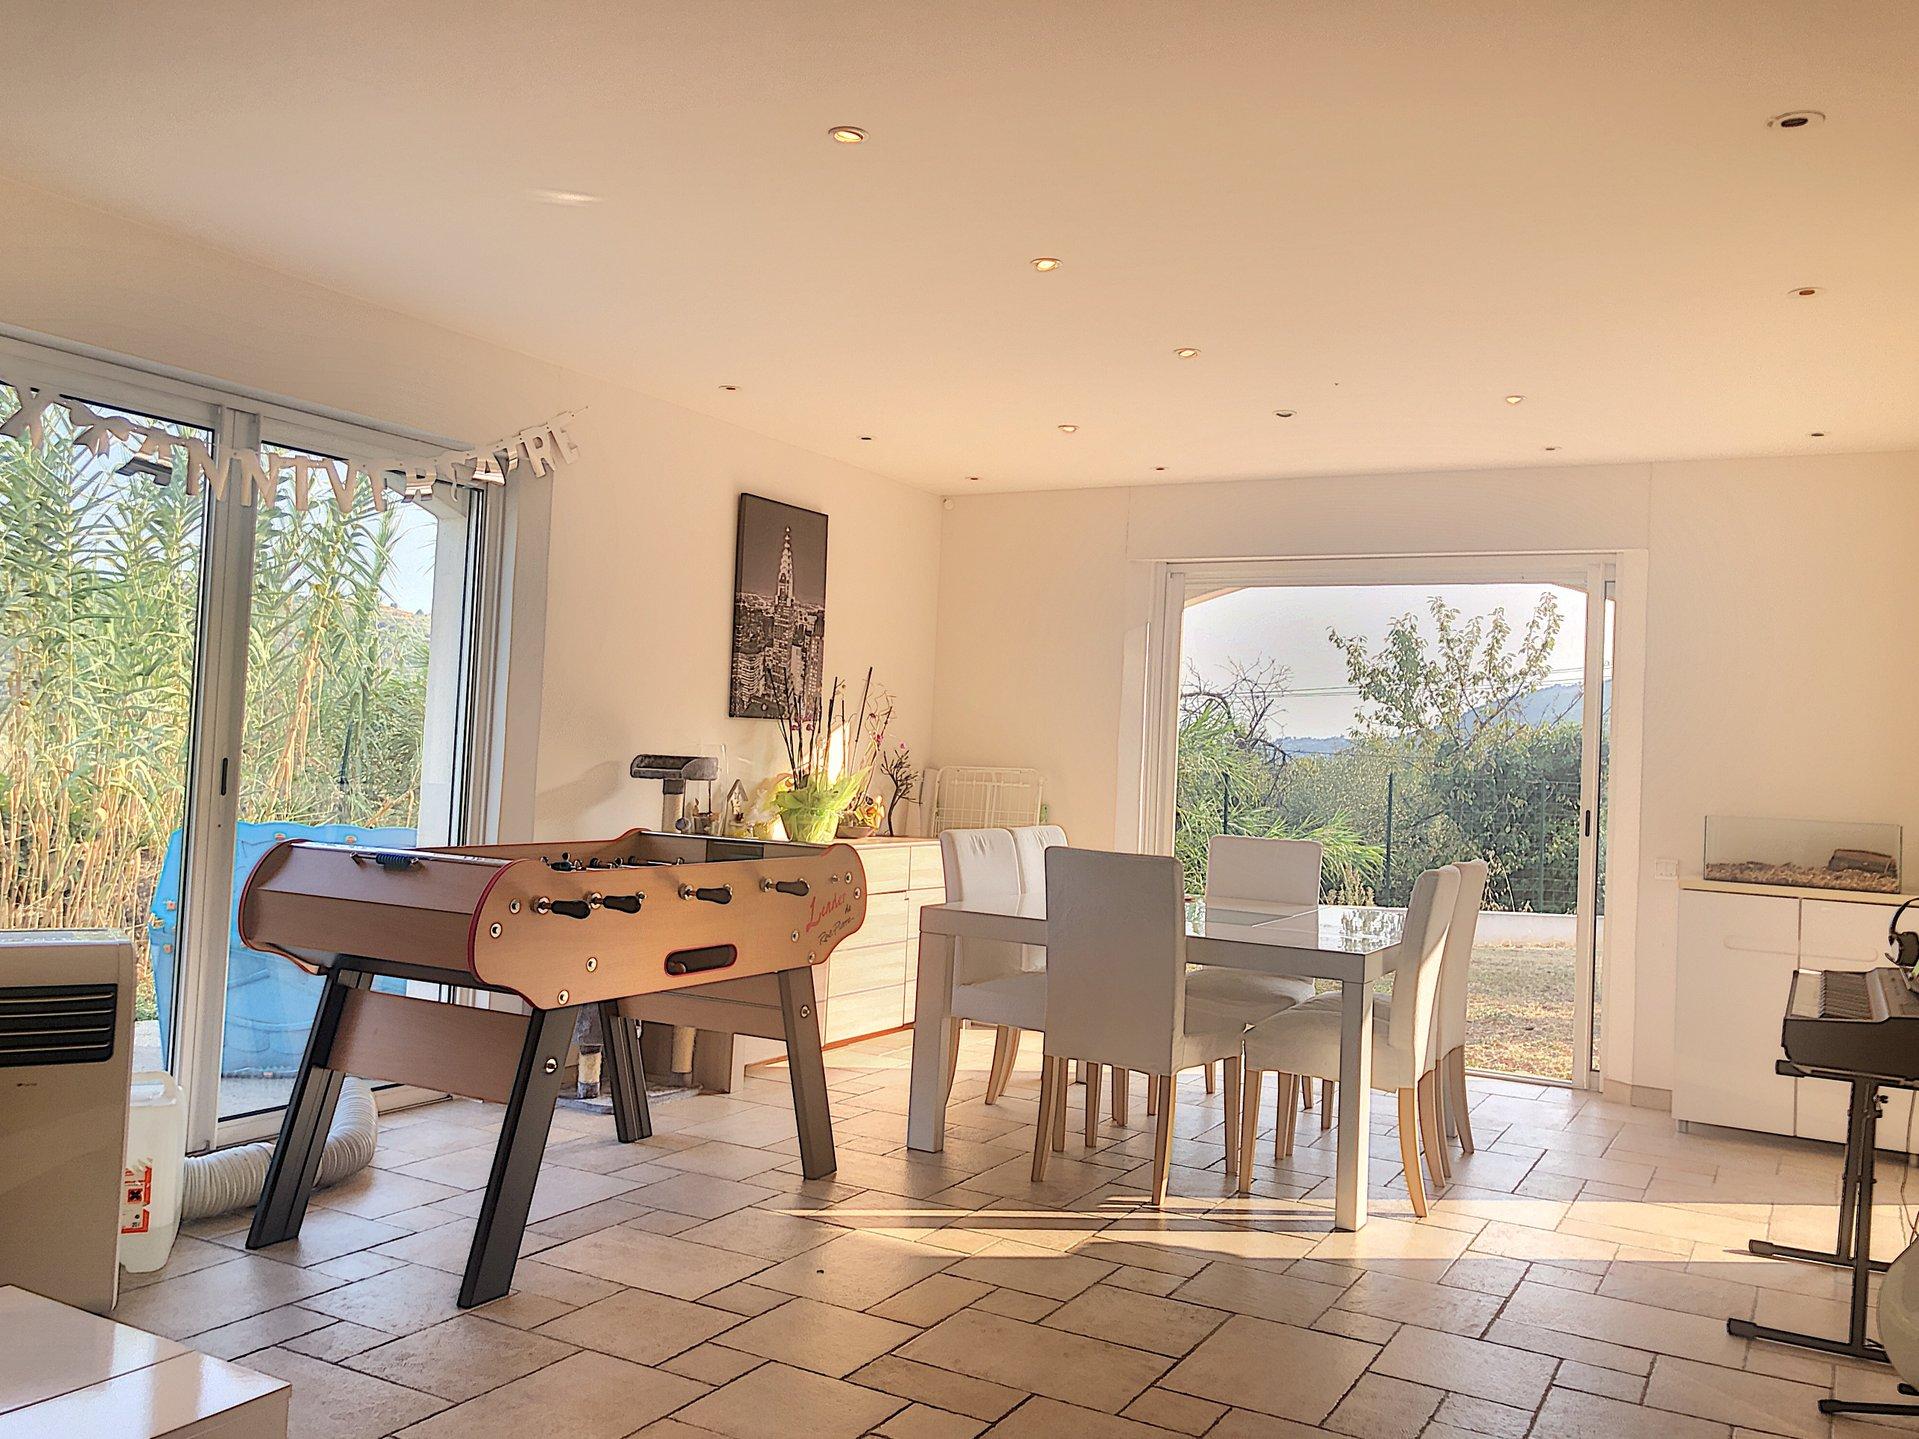 GATTIERES Les plans ( 06510 ) Maison individuelle 5 pièces de 160m² + 53m² aménageable. Garage. Terrain de 2013m²